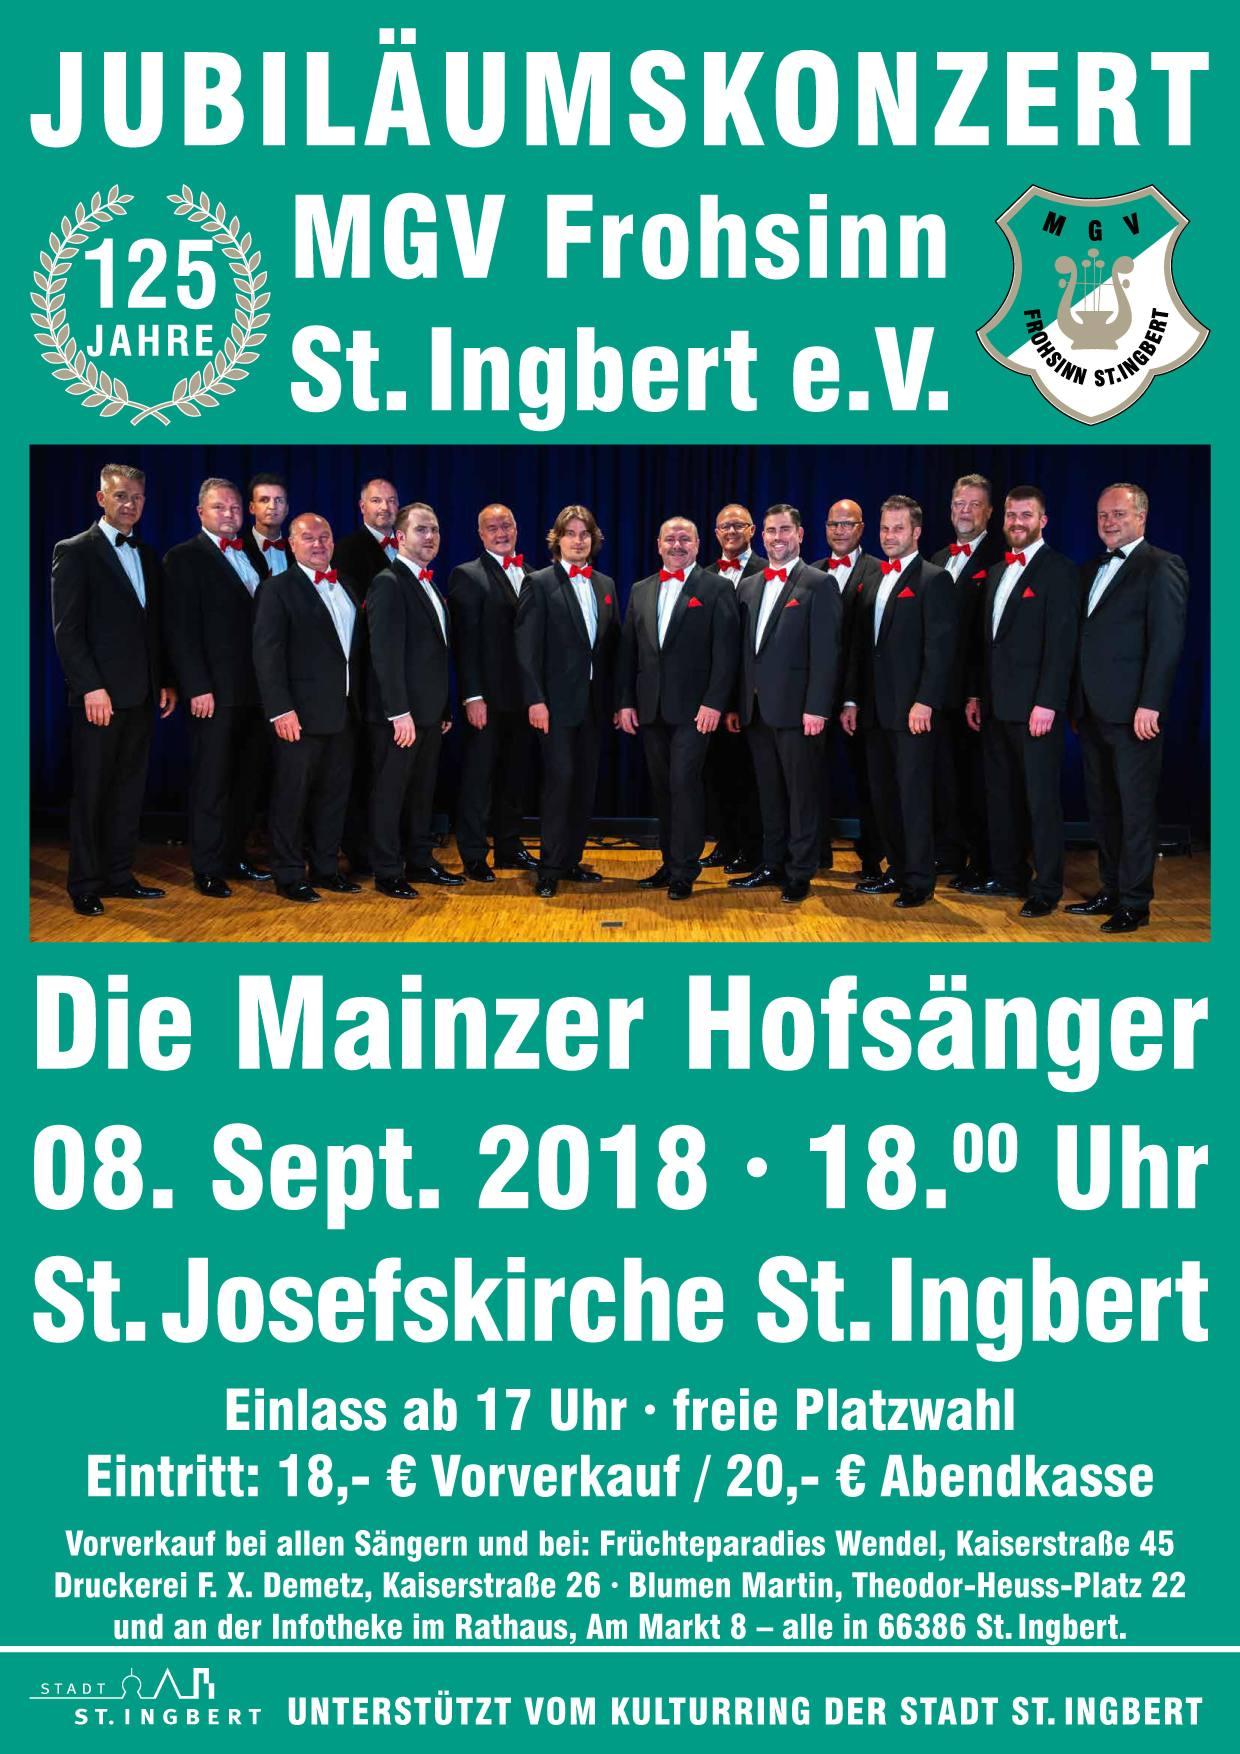 Jubiläumskonzert des MGV Frohsinn